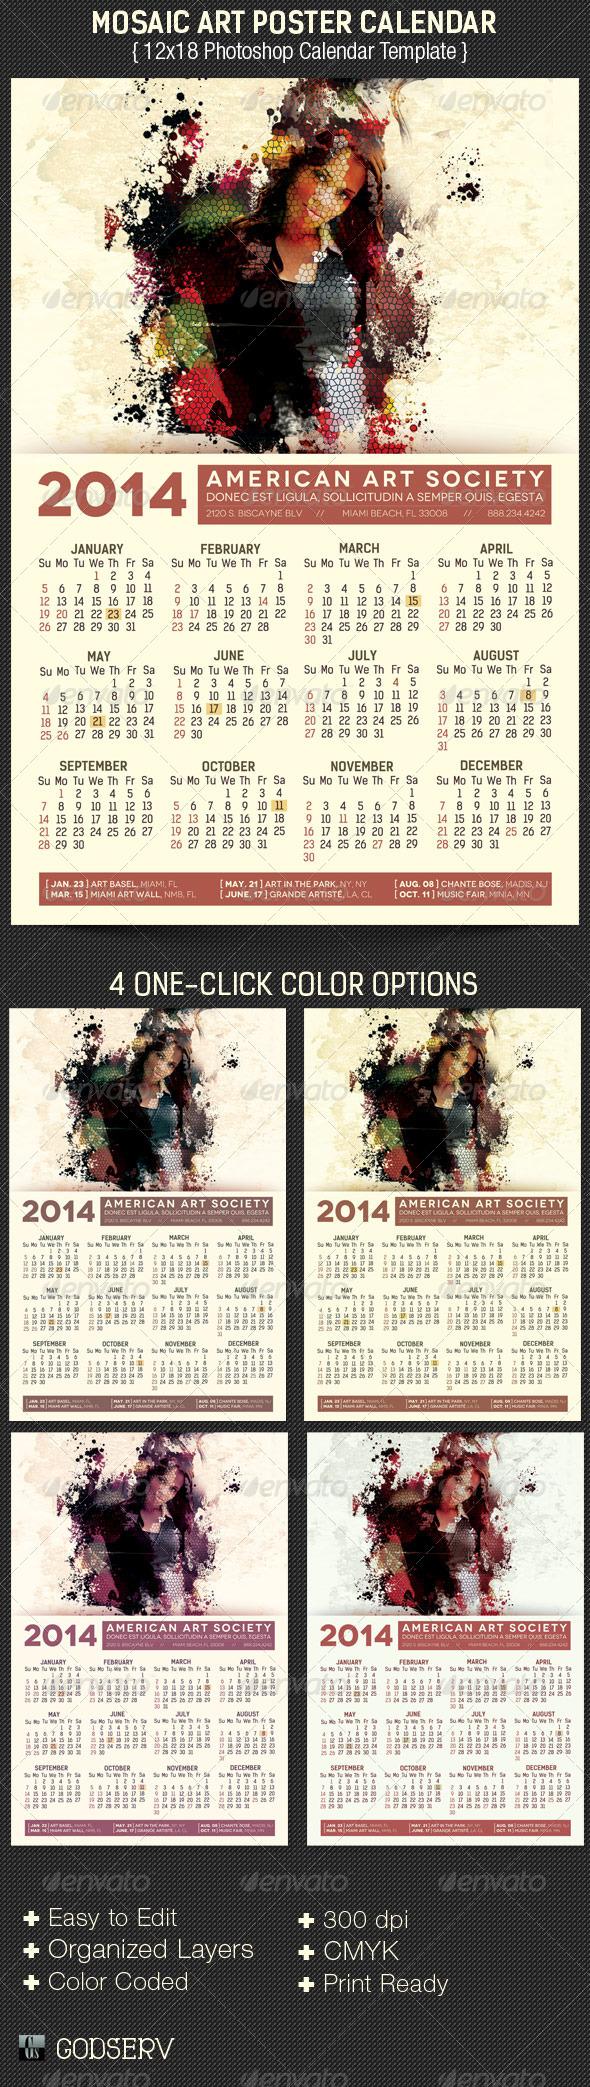 Mosaic Art Poster Calendar Template